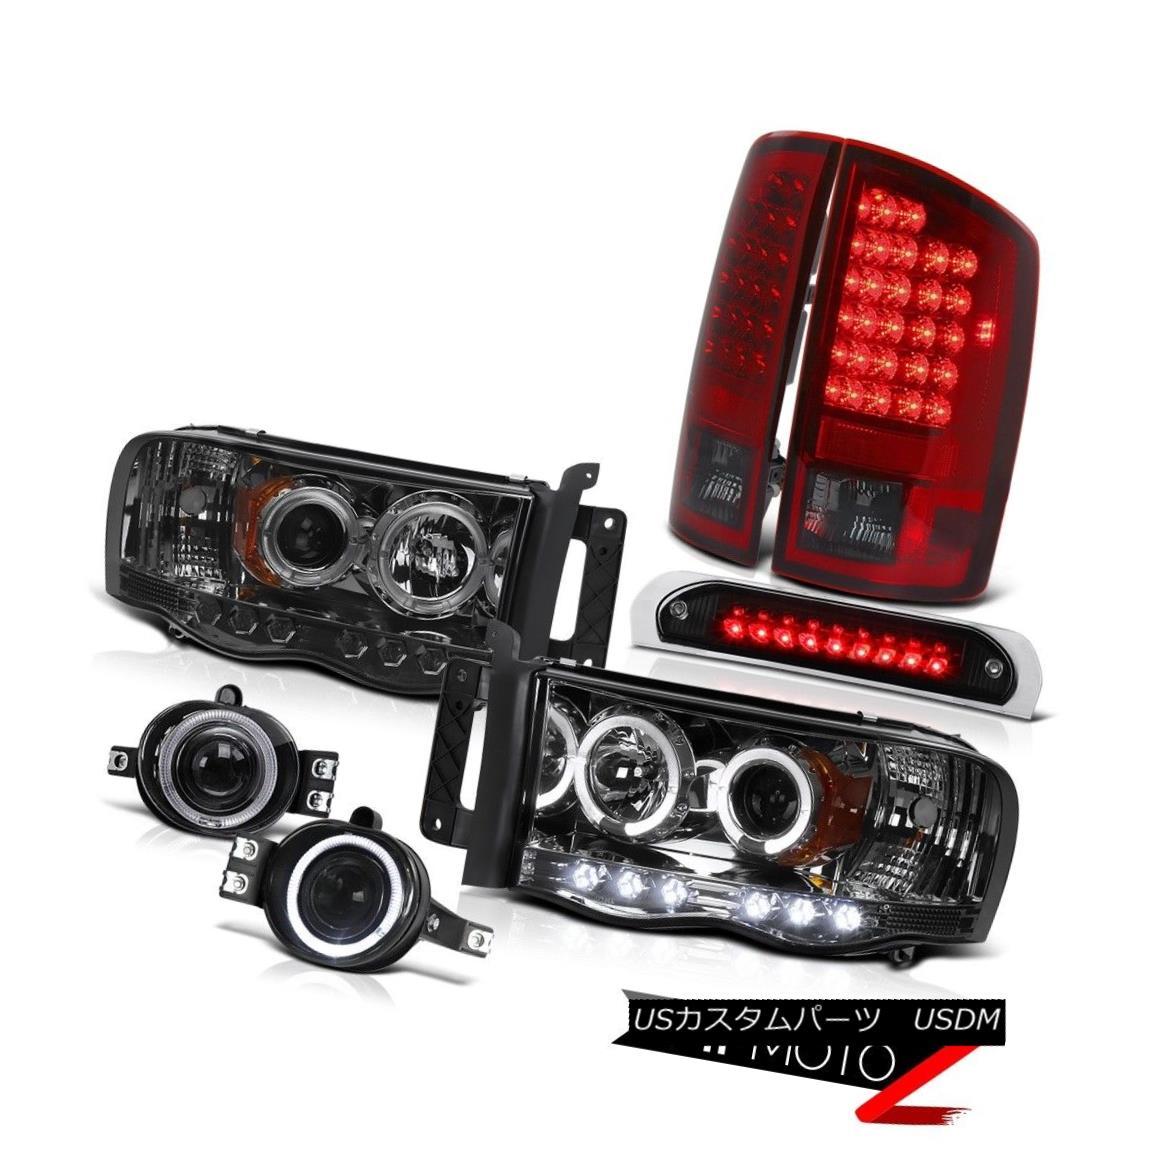 ヘッドライト Halo LED Headlamps SMD Tail Lights Chrome Fog Black Third Brake 2002-2005 Ram V6 Halo LEDヘッドランプSMDテールライトクロムフォグブラックThird Brake 2002-2005 Ram V6